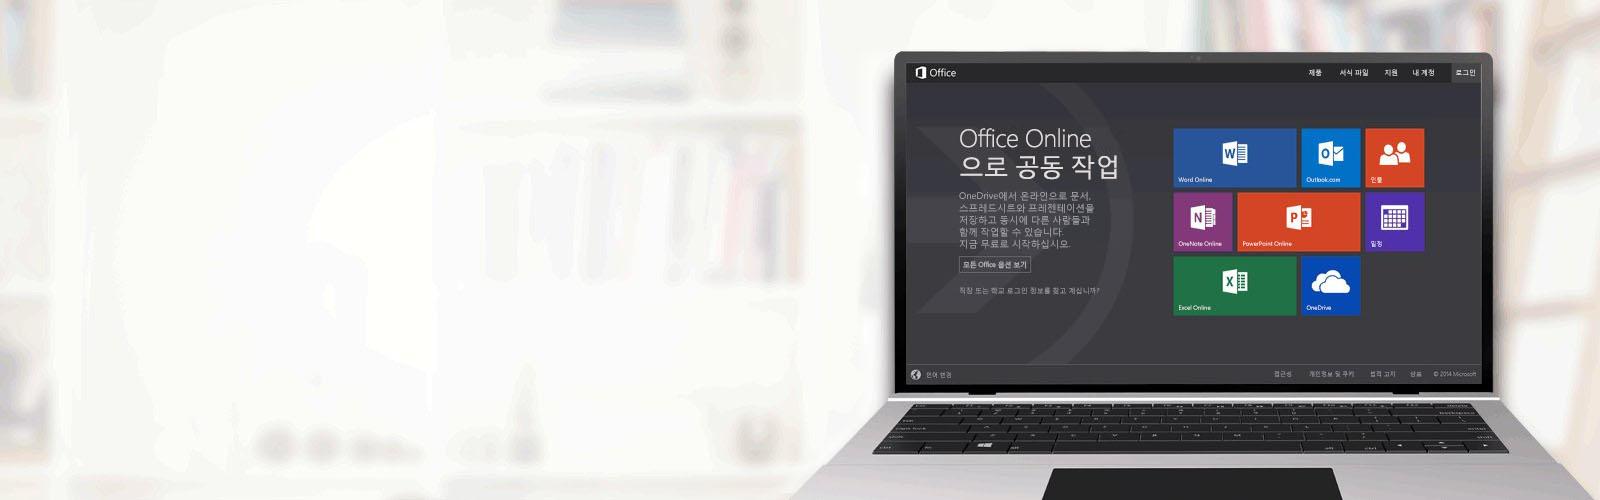 Office Online으로 공동 작업